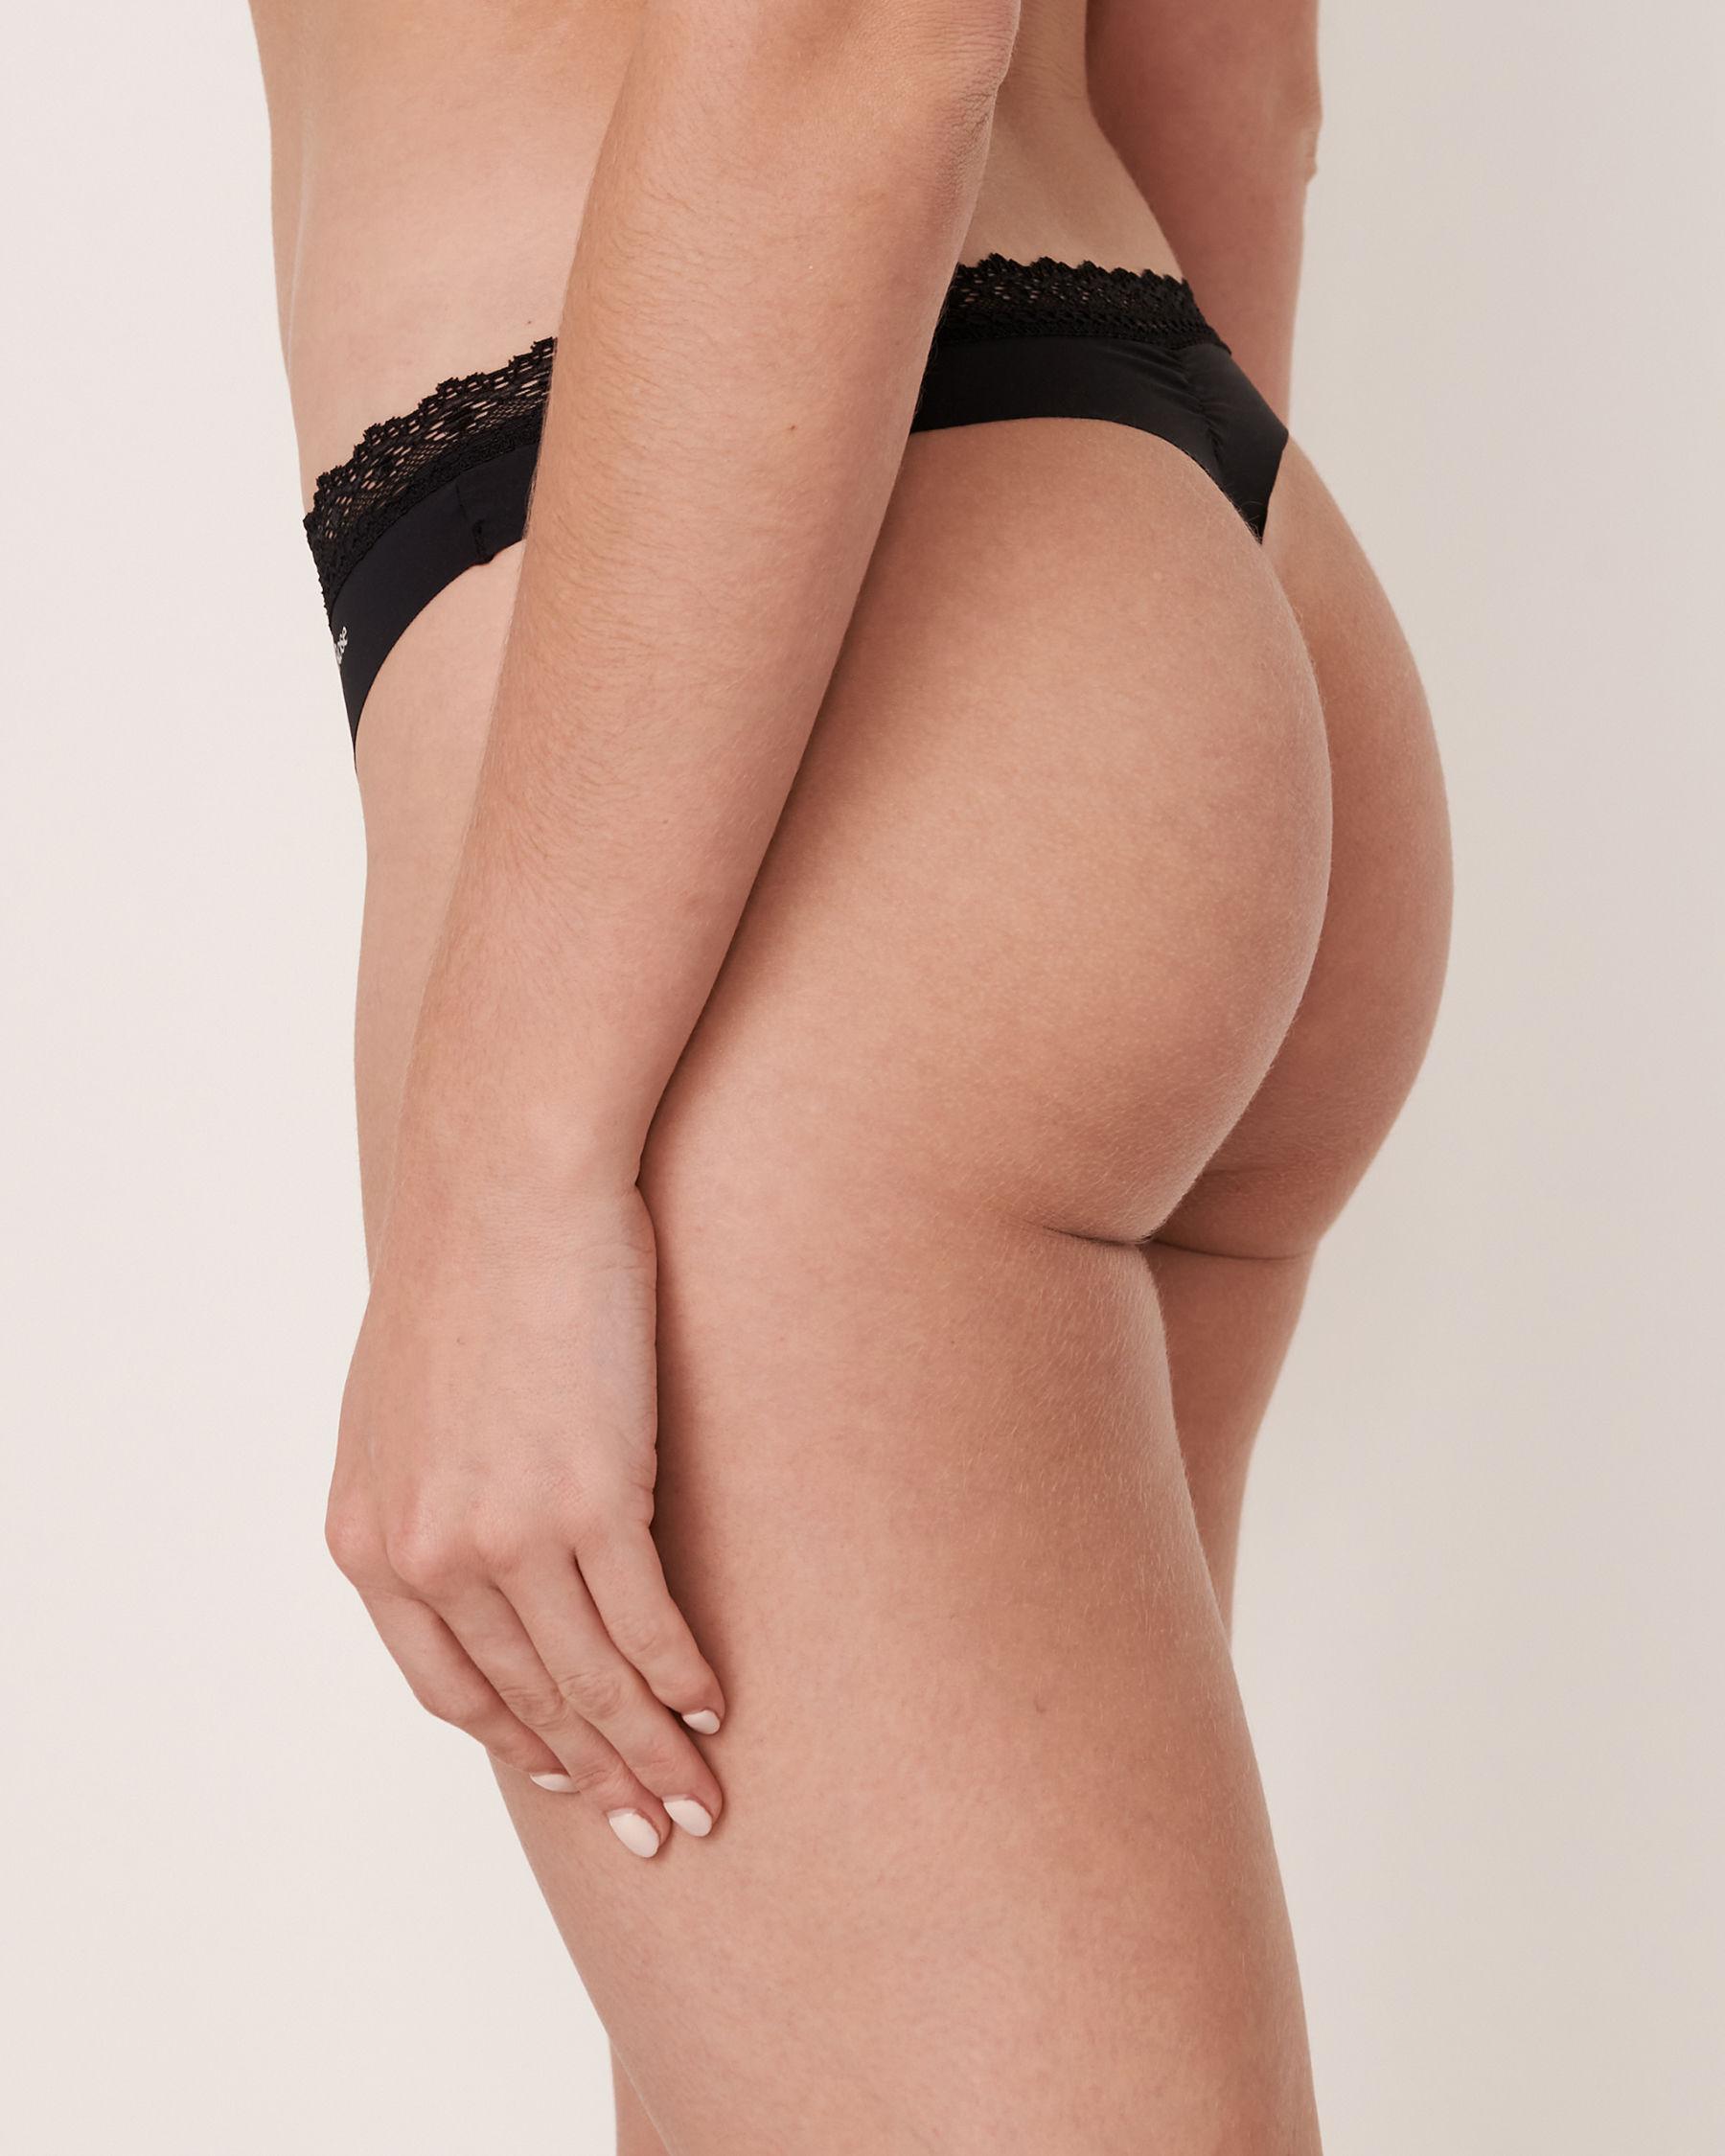 LA VIE EN ROSE Thong Panty Black 20200054 - View2